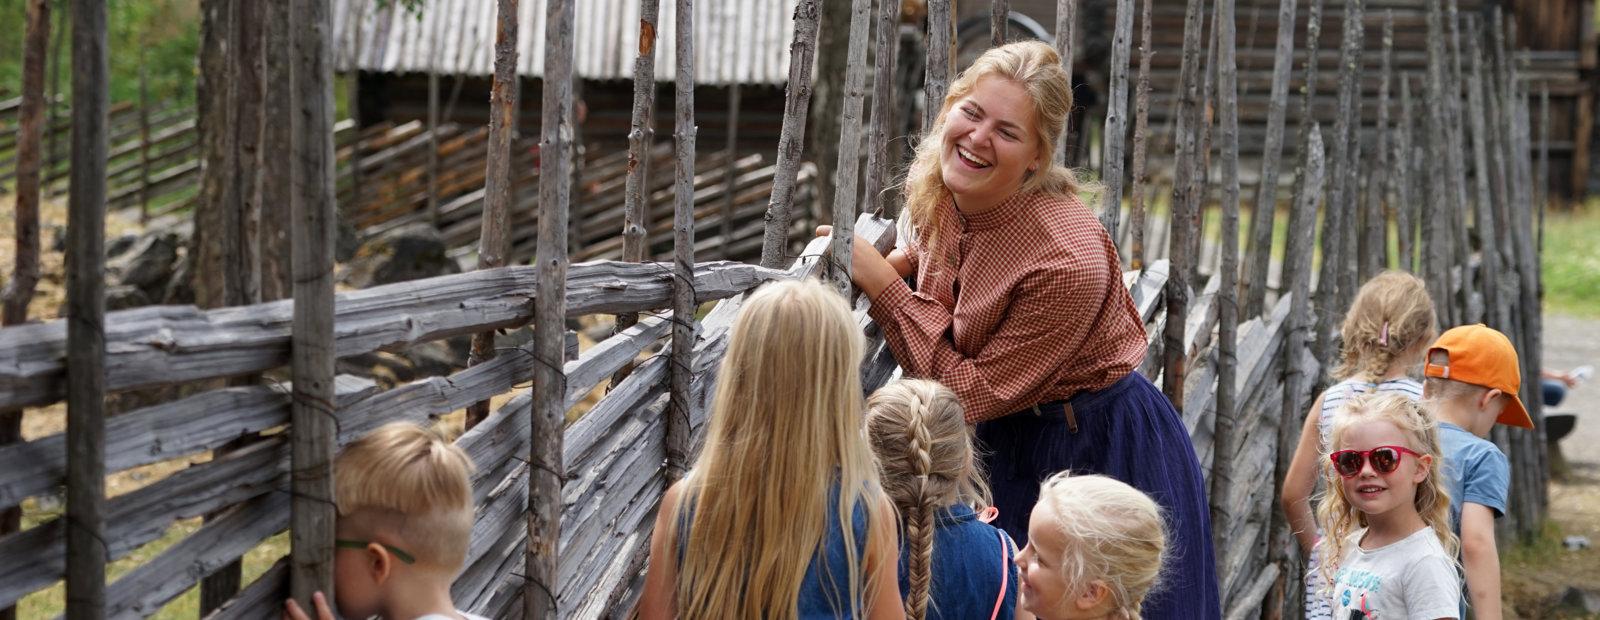 Dame med rutete bluse og forkle står ved skigard og ler med barn.